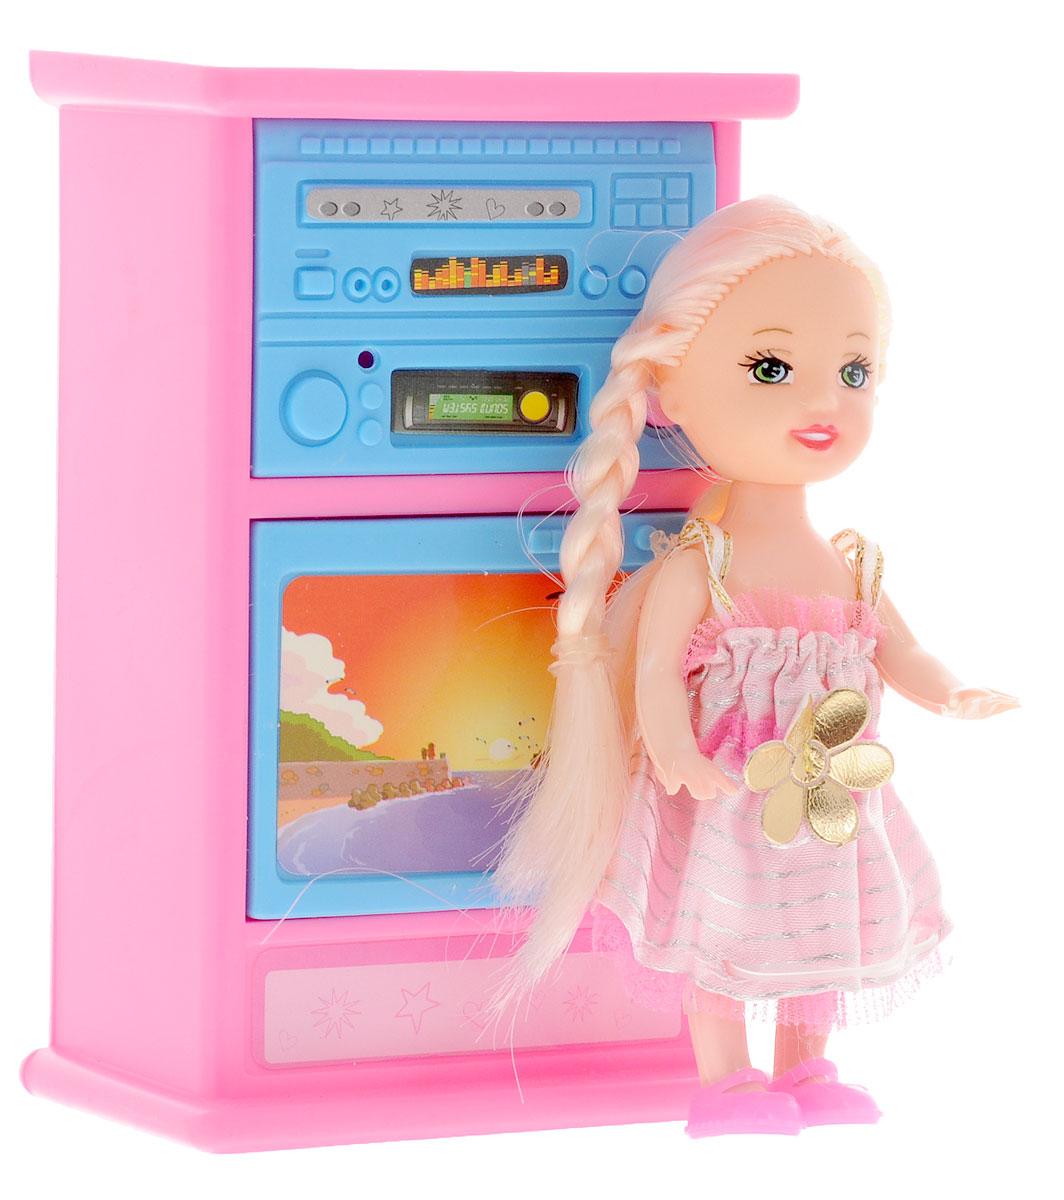 Shantou Игровой набор с мини-куклой Bettina со шкафом и телевизоромL091-H43654_шкаф + телевизорИгровой набор с мини-куклой Shantou Bettina - это прекрасное развлечение для вашей дочурки. Кукла одета в длинное розовое платьице, а на ногах у нее розовые туфельки. Длинные белокурые волосы куклы можно расчесывать и делать из них различные прически. Руки, ноги и голова куклы подвижные. В набор с куколкой входит шкаф со встроенным телевизором. Игры с таким набором способствуют эмоциональному развитию ребенка, а также помогают формировать воображение и художественный вкус. Порадуйте свою малышку таким интересным подарком!